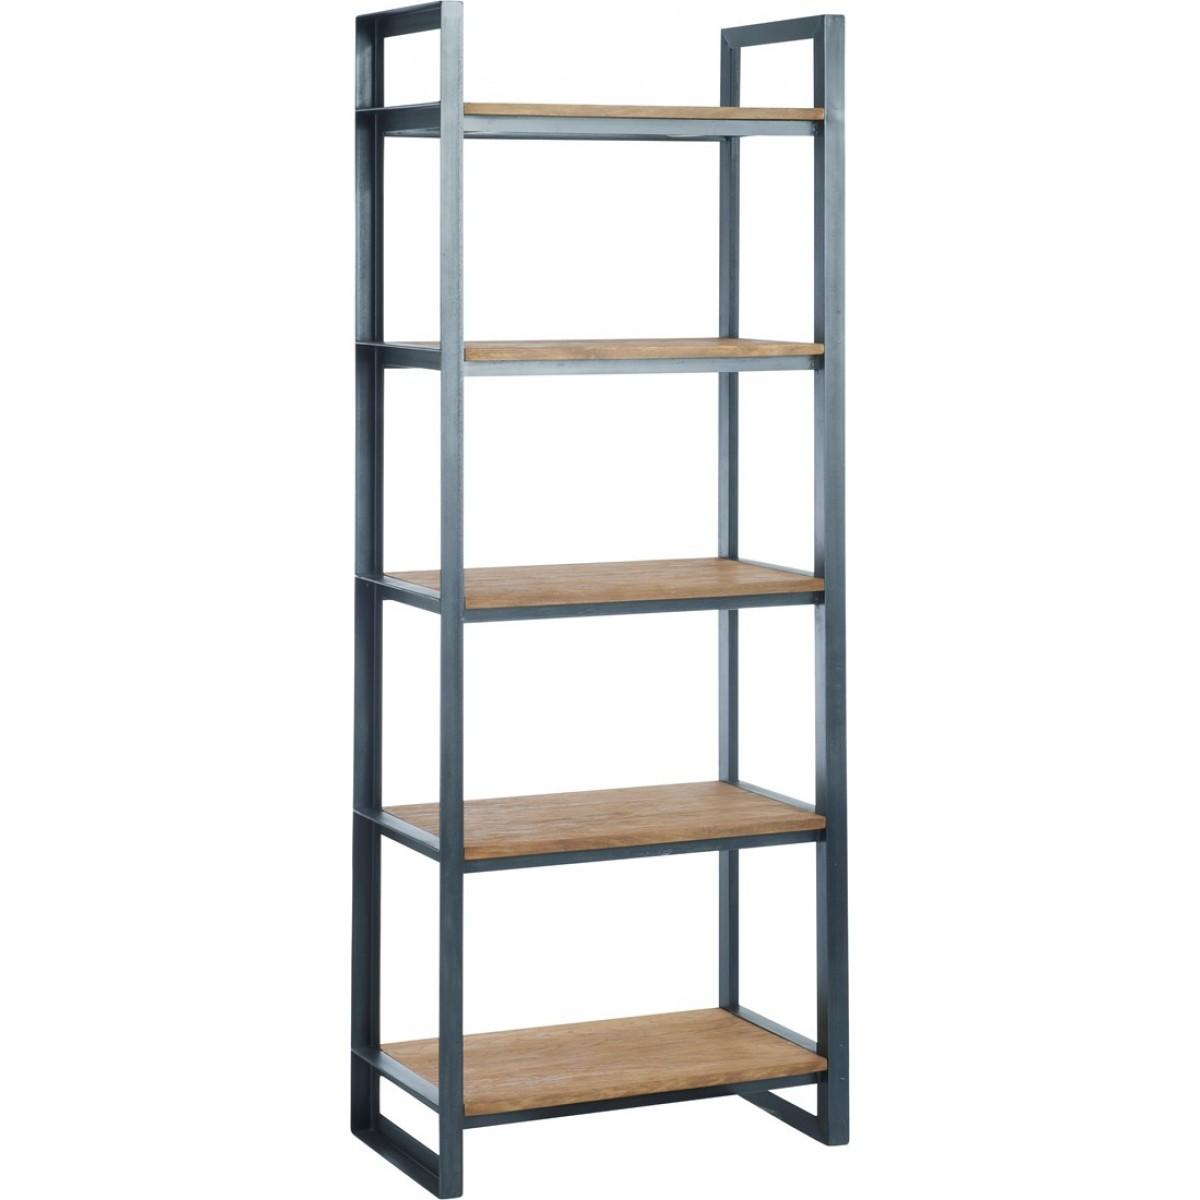 regal holz metall regal holz metall jaso holz metall. Black Bedroom Furniture Sets. Home Design Ideas